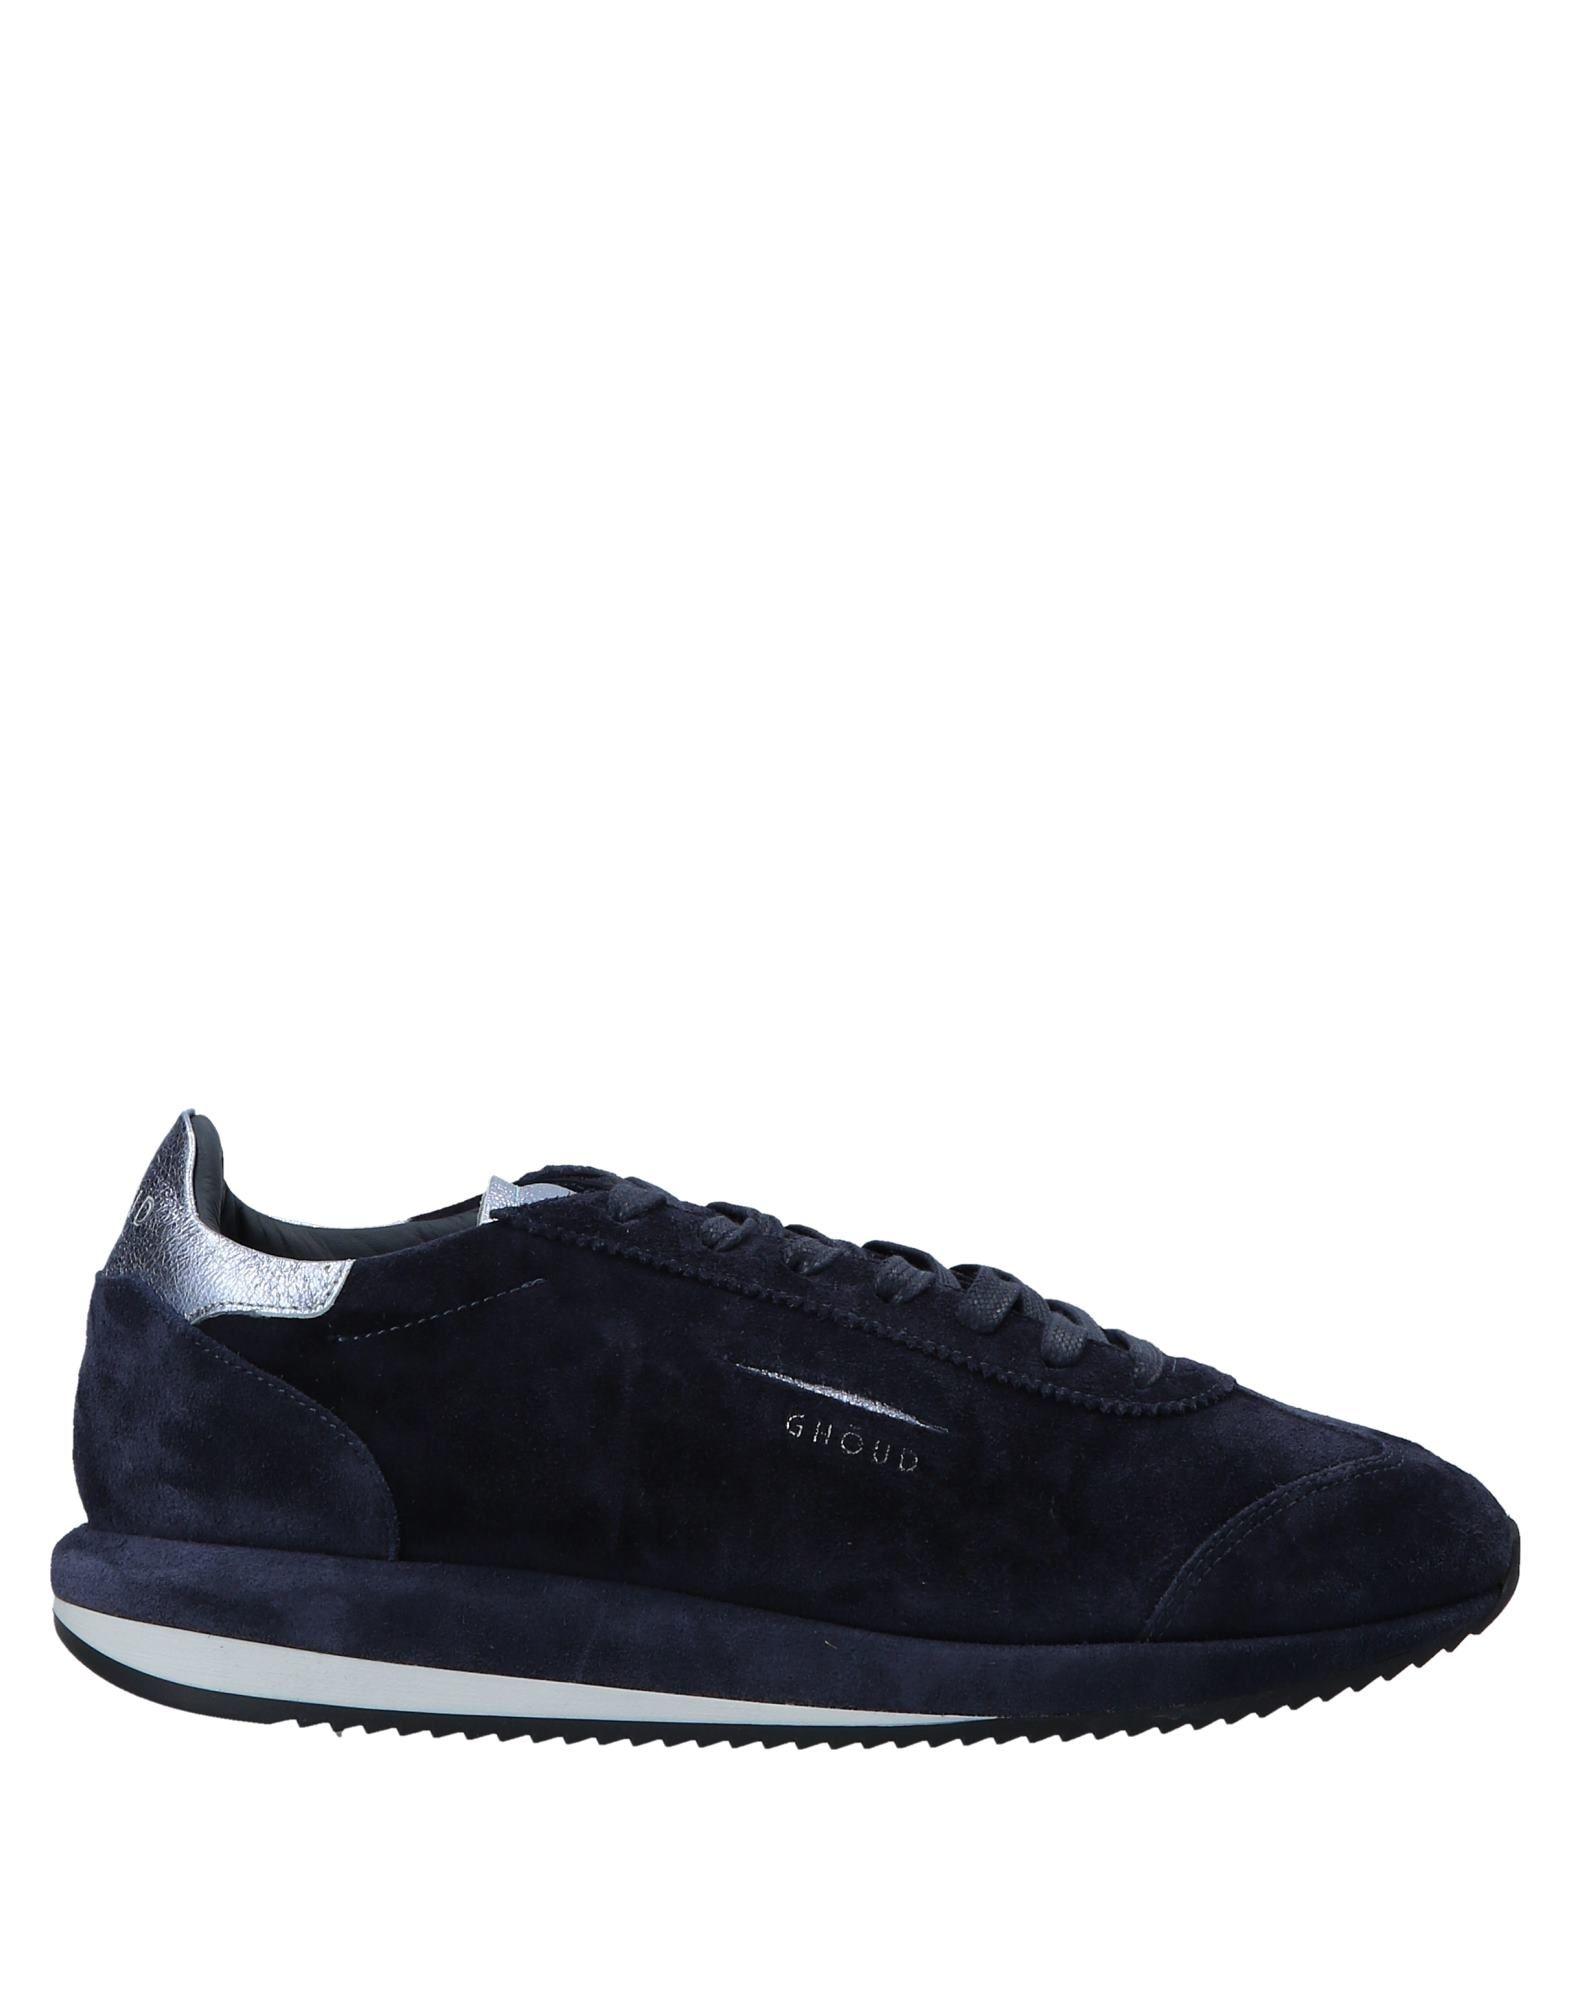 Sneakers Ghōud Venice Homme - Sneakers Ghōud Venice  Vert foncé Chaussures femme pas cher homme et femme